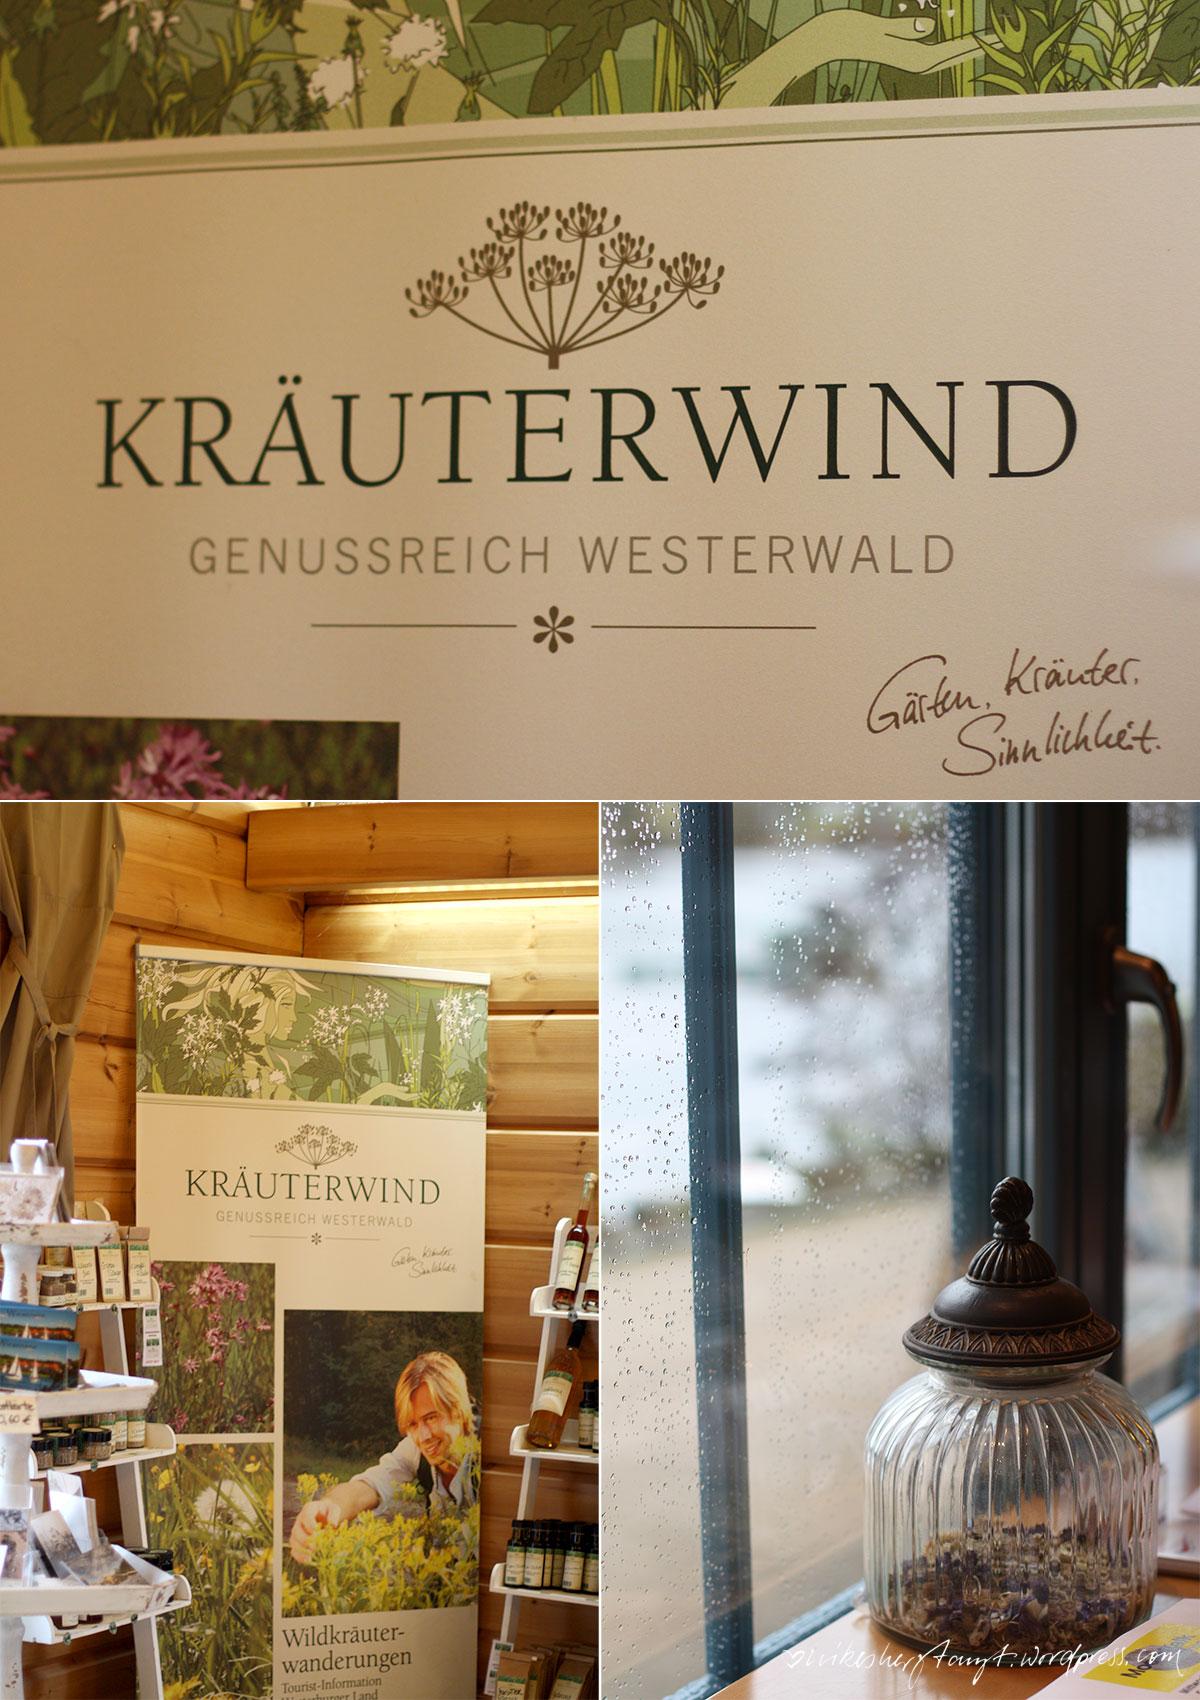 mehr kräuterwind am wiesensee, #lindnerhotels, nikesherztanzt, westerwald, rheinland pfalz, travel, wanderlust, spa